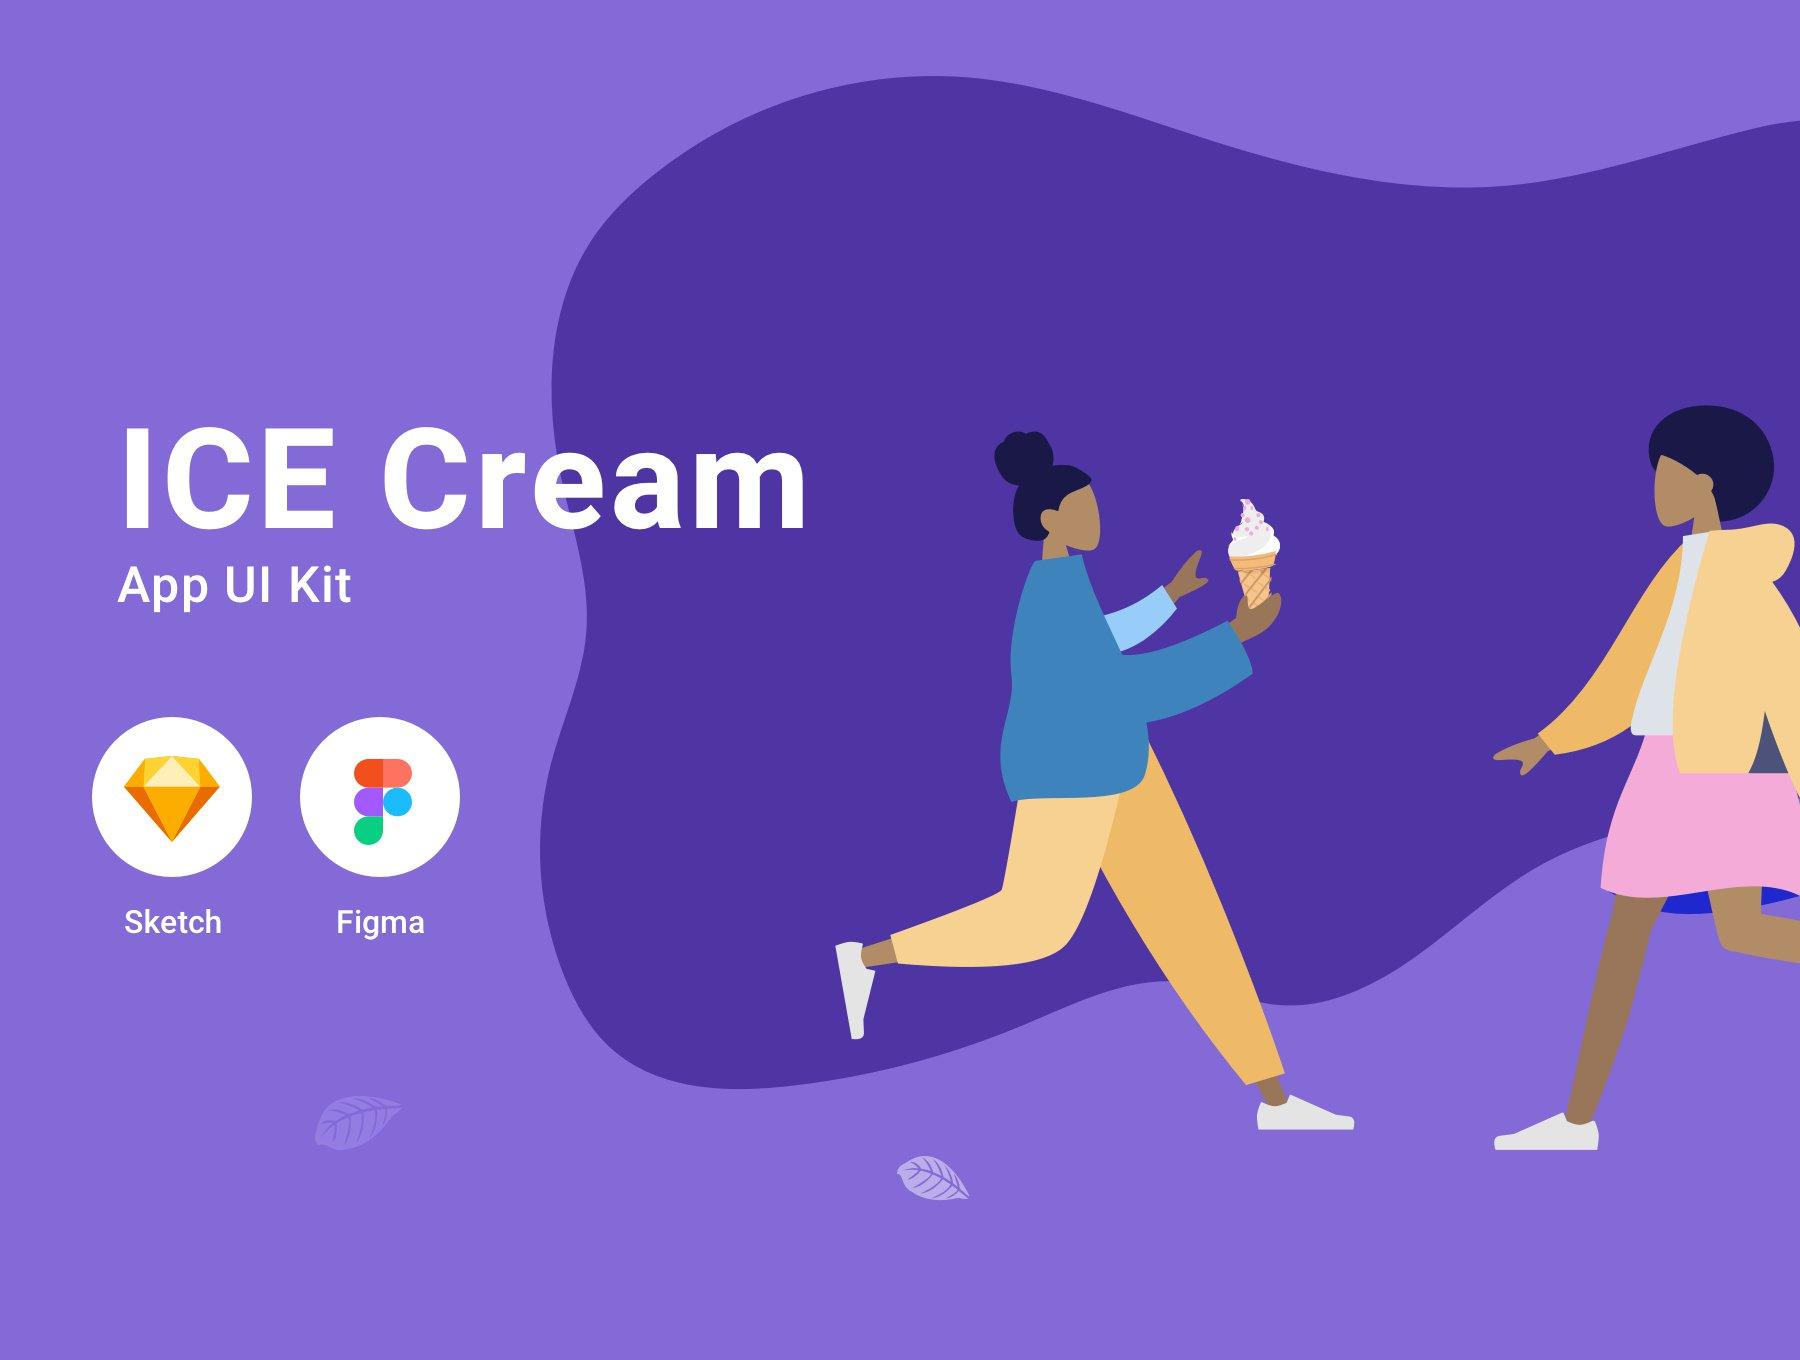 一款扁平插画风冰淇淋APP ICE Cream